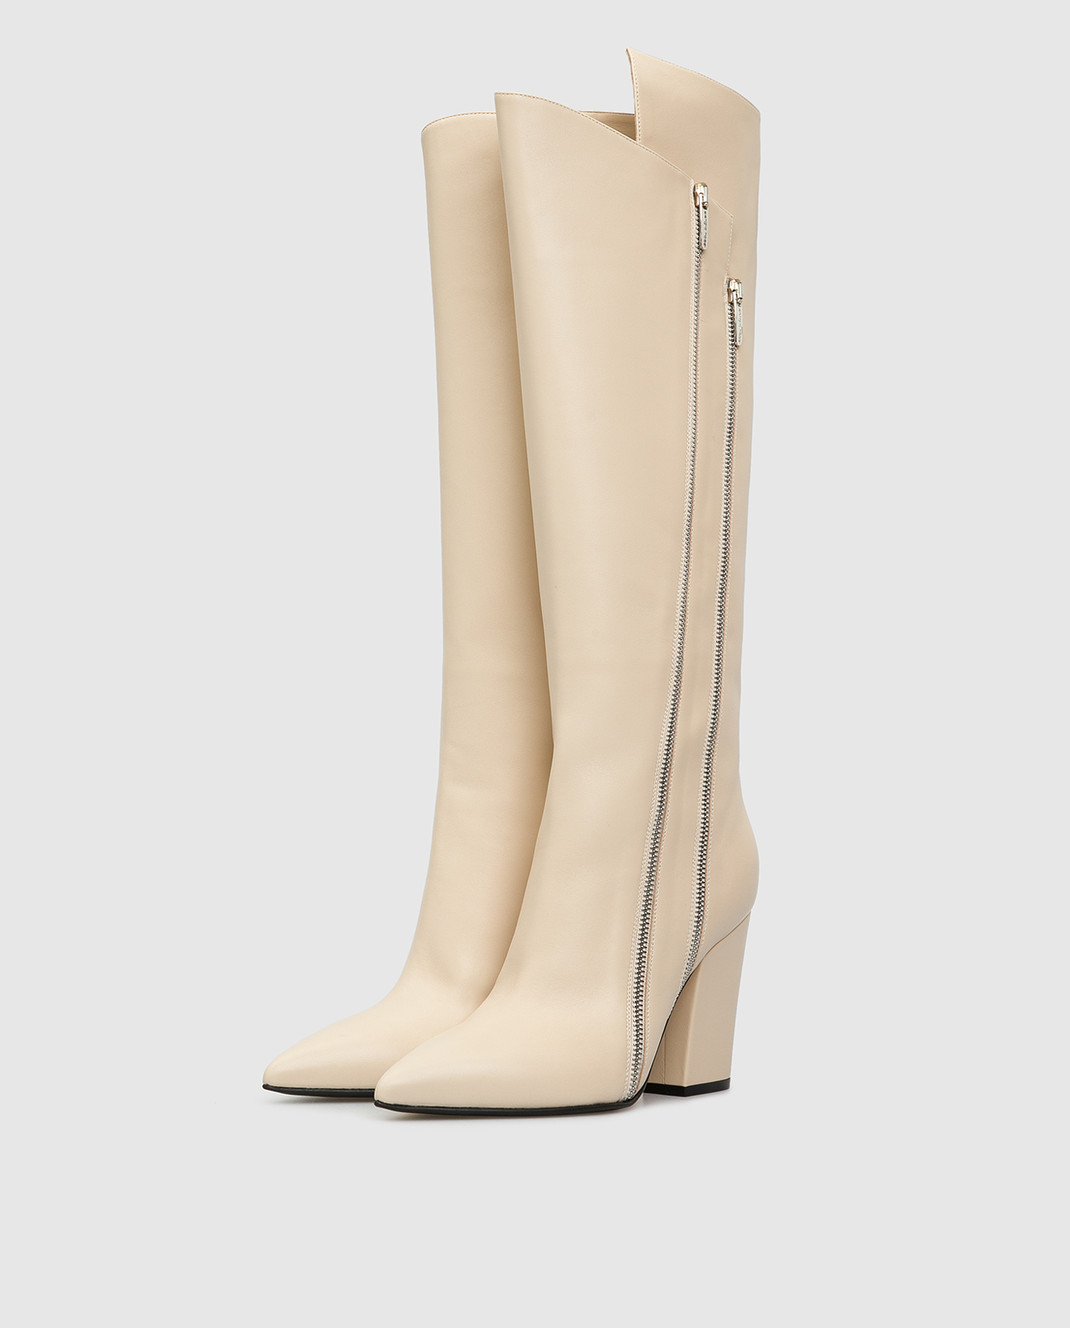 Sergio Rossi Светло-бежевые кожаные сапоги изображение 3